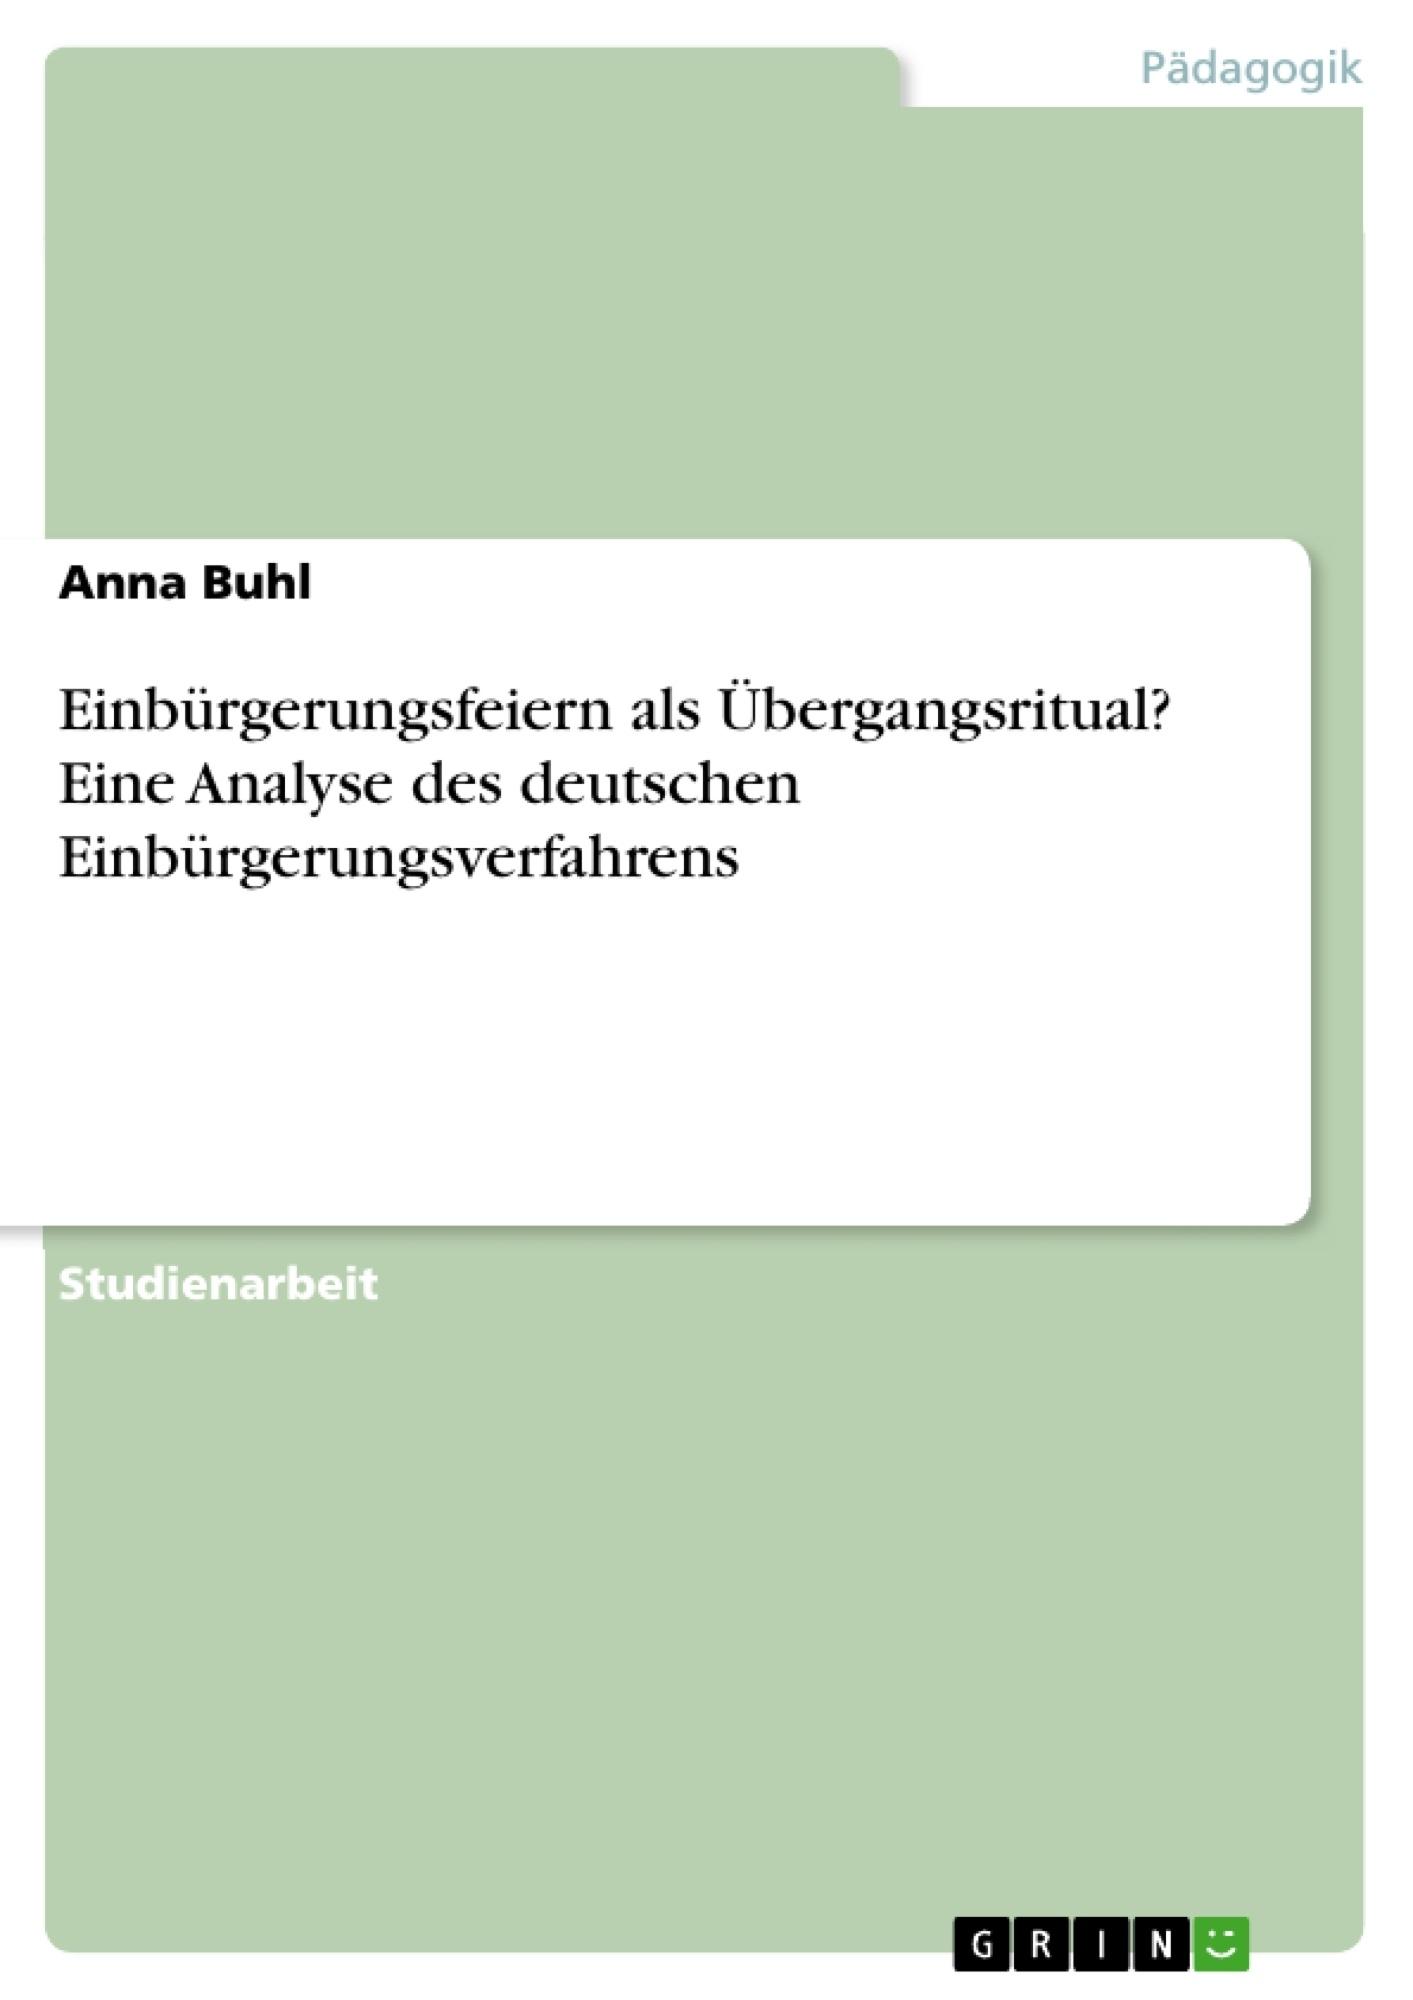 Titel: Einbürgerungsfeiern als Übergangsritual? Eine Analyse des deutschen Einbürgerungsverfahrens